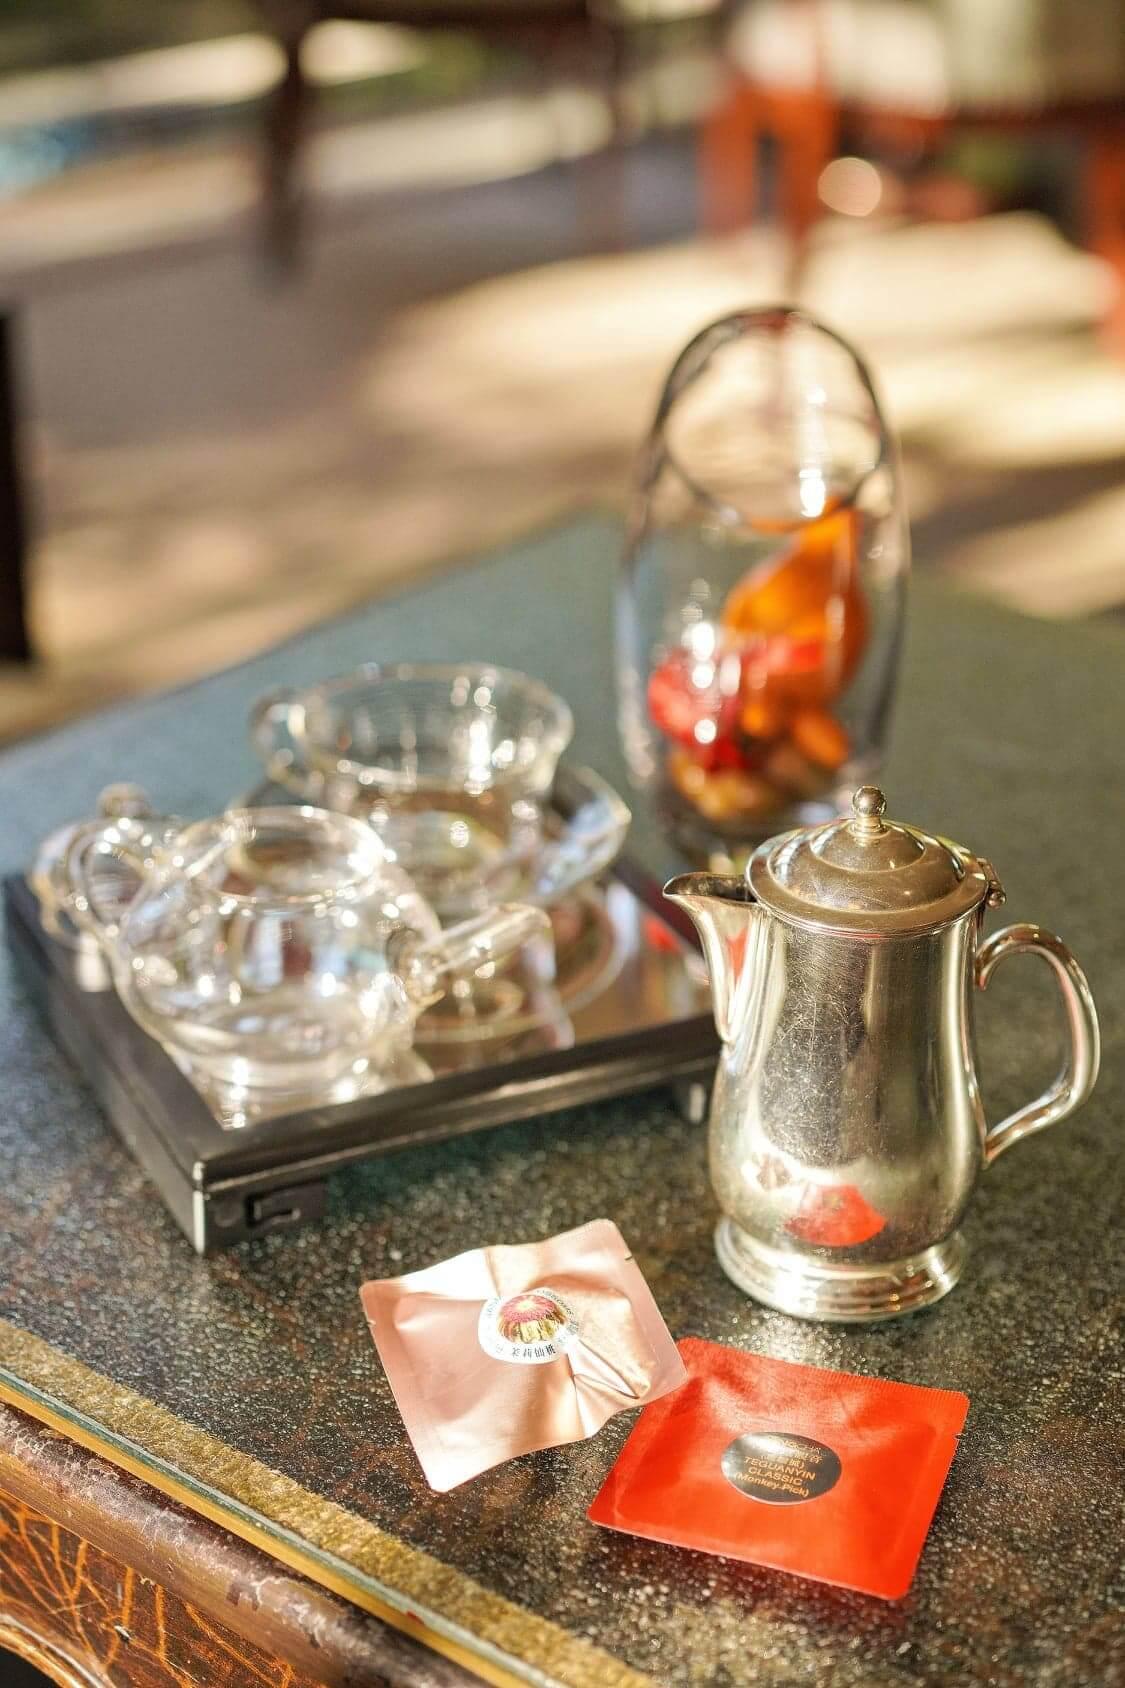 下午茶亦提供兩款精選茗茶,包括明茶房專利之茉莉仙桃,及採自安溪縣烏龍嘅古方鐵觀音。